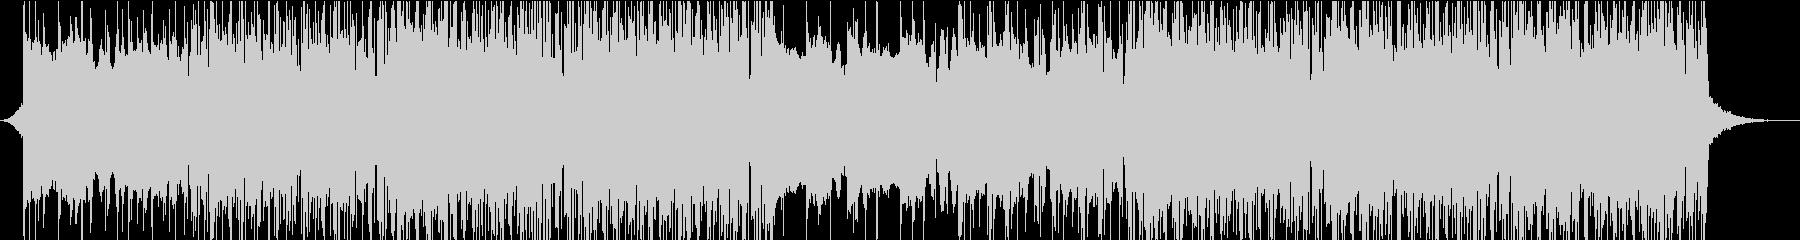 スタイリッシュ、モダン、エレクトロニックの未再生の波形